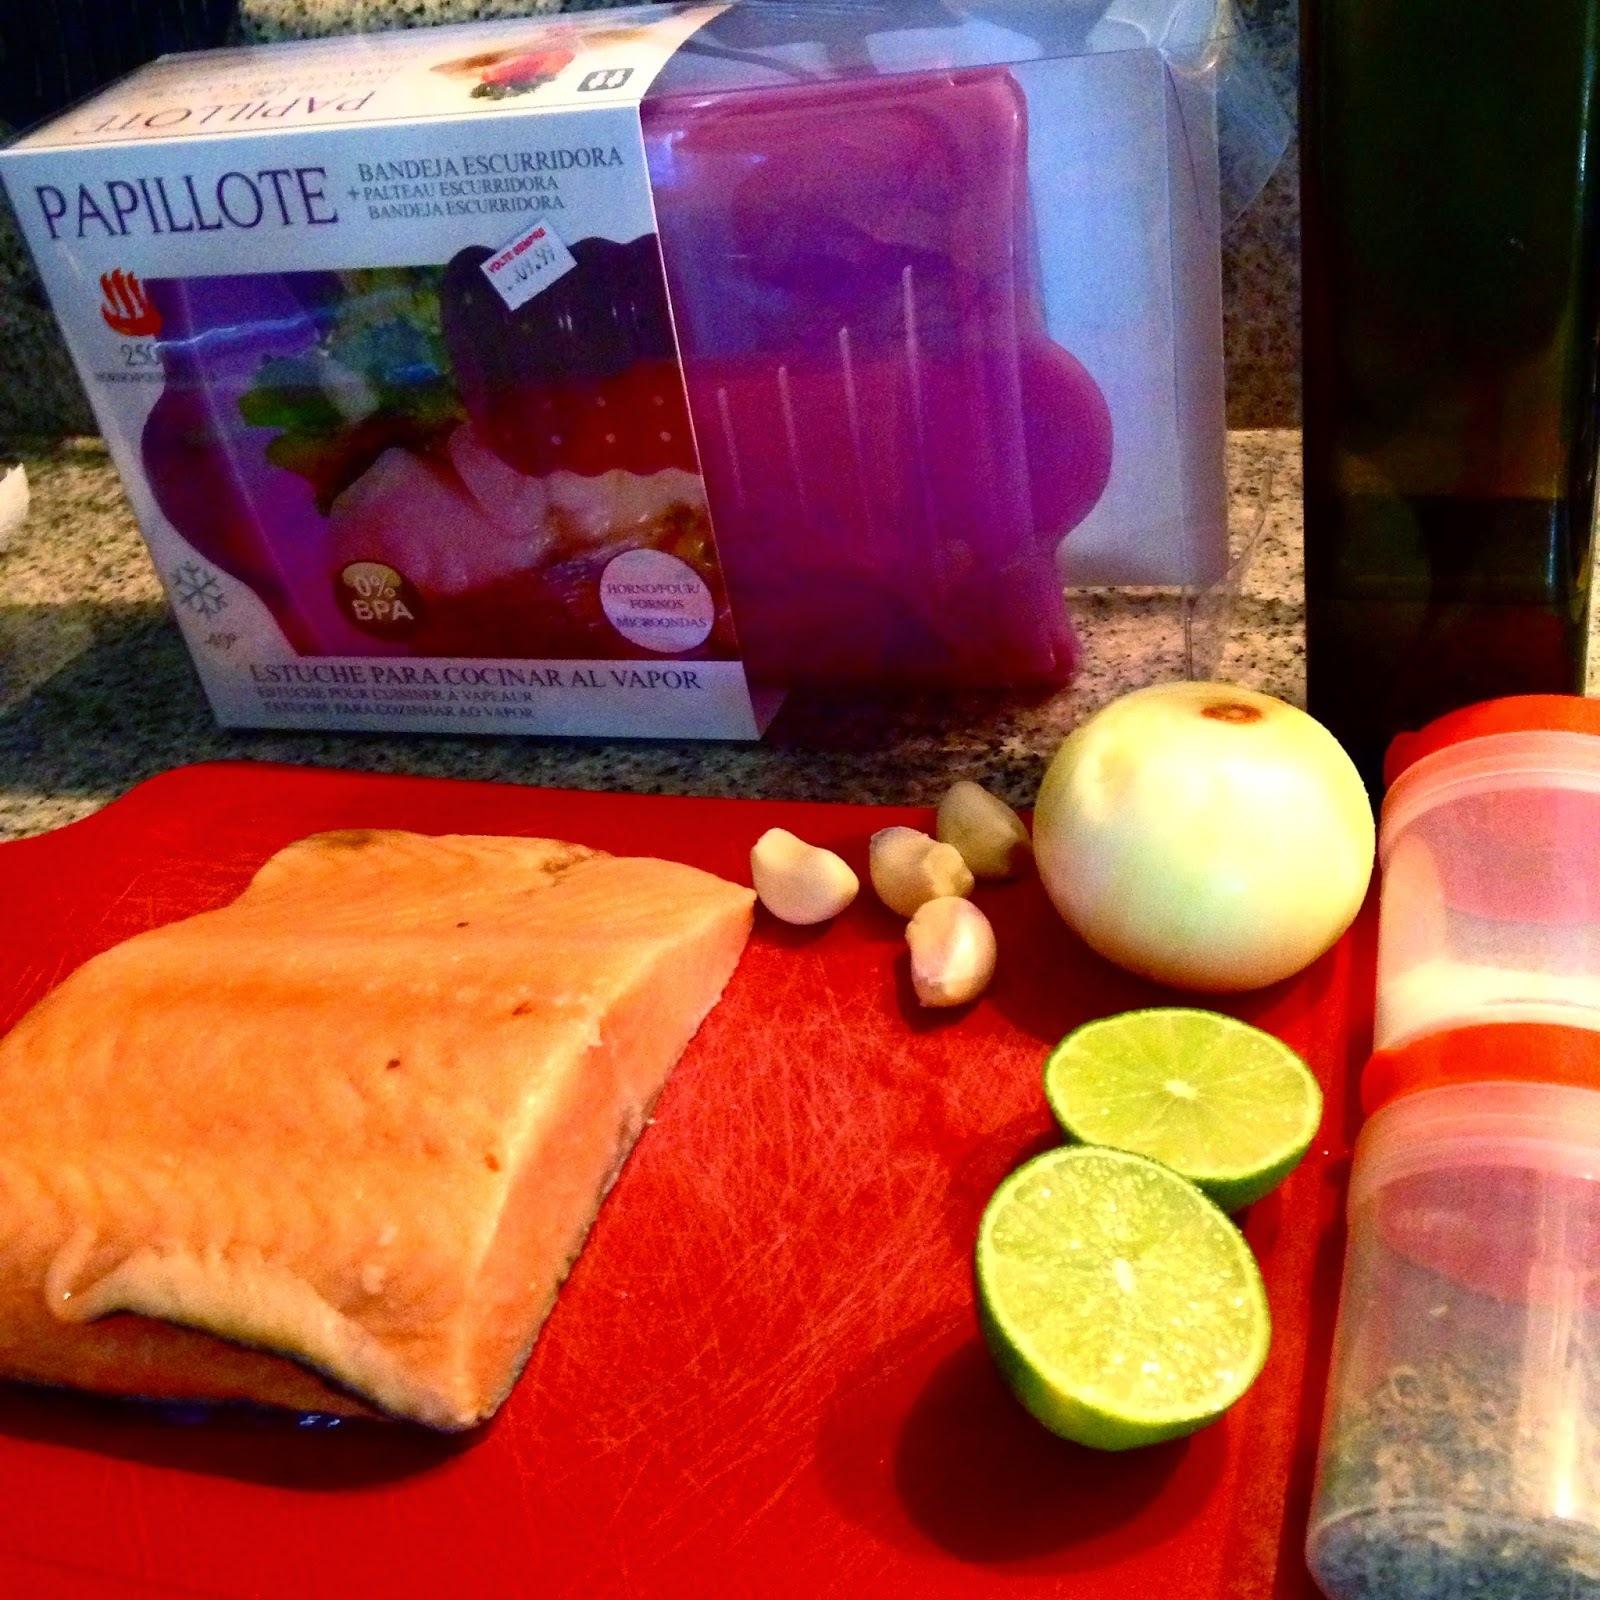 Papelote de salmão com cebola e alho